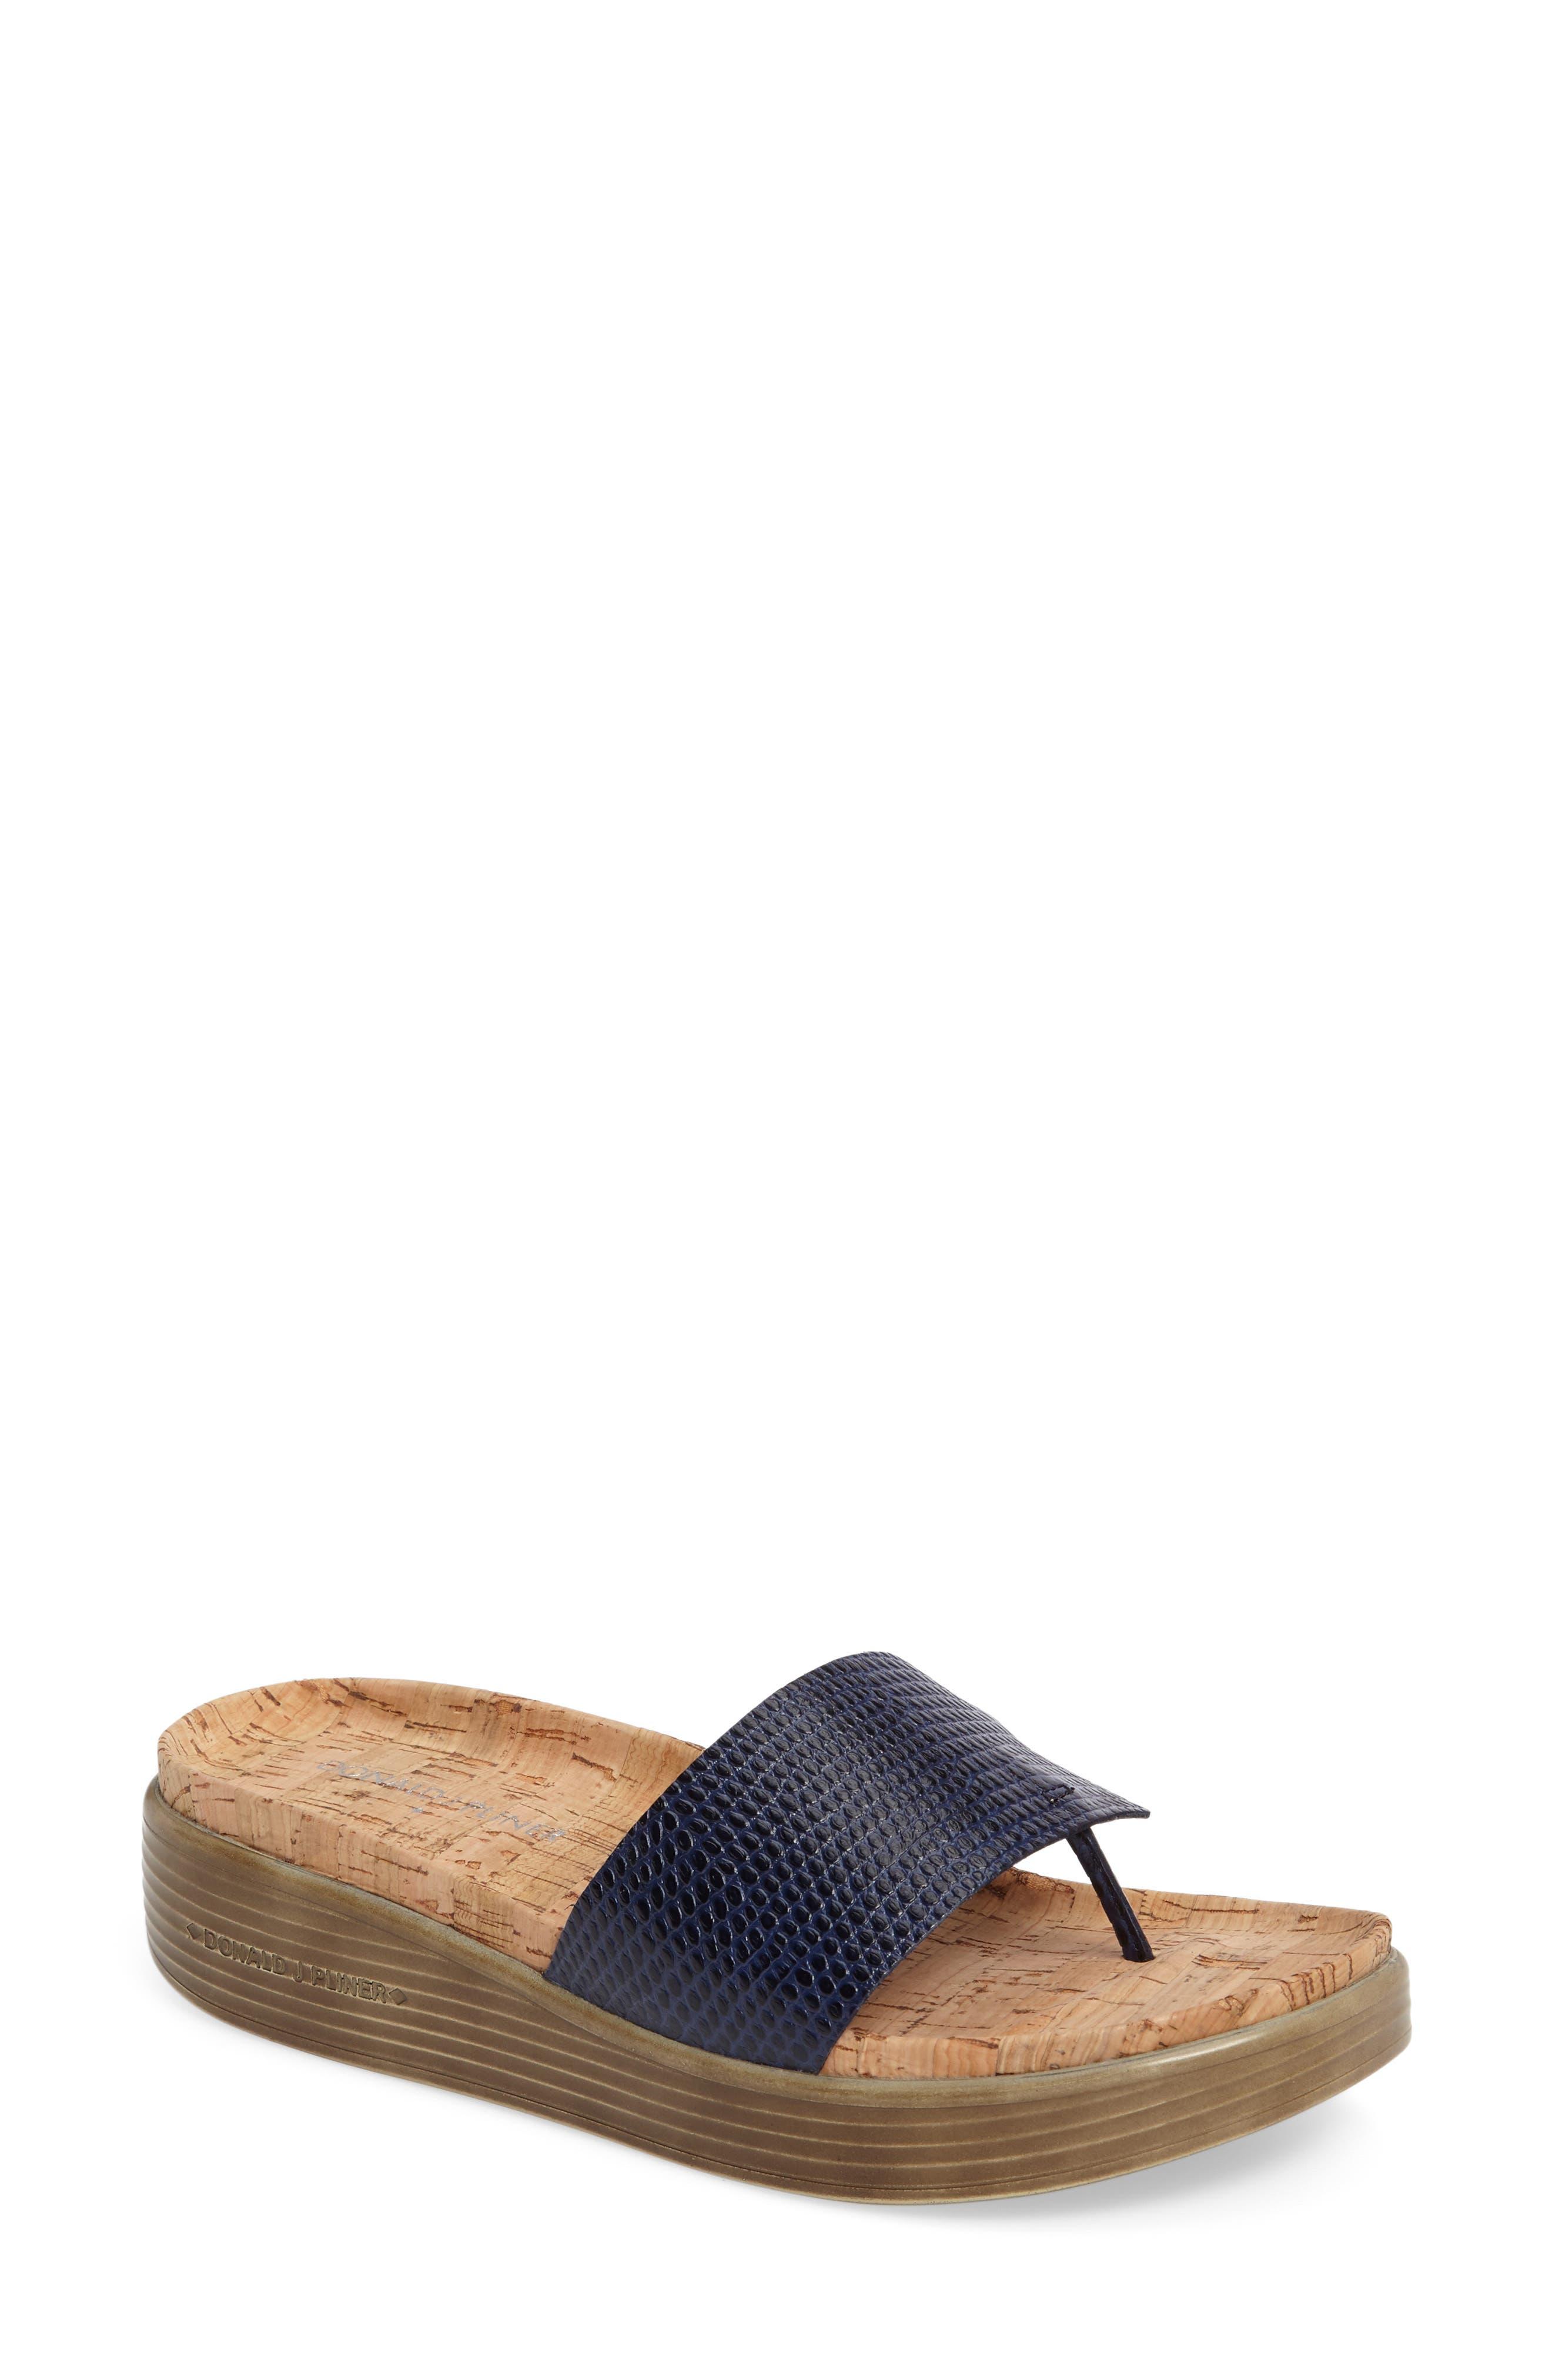 Main Image - Donald J Pliner 'Fifi' Slide Sandal (Women)